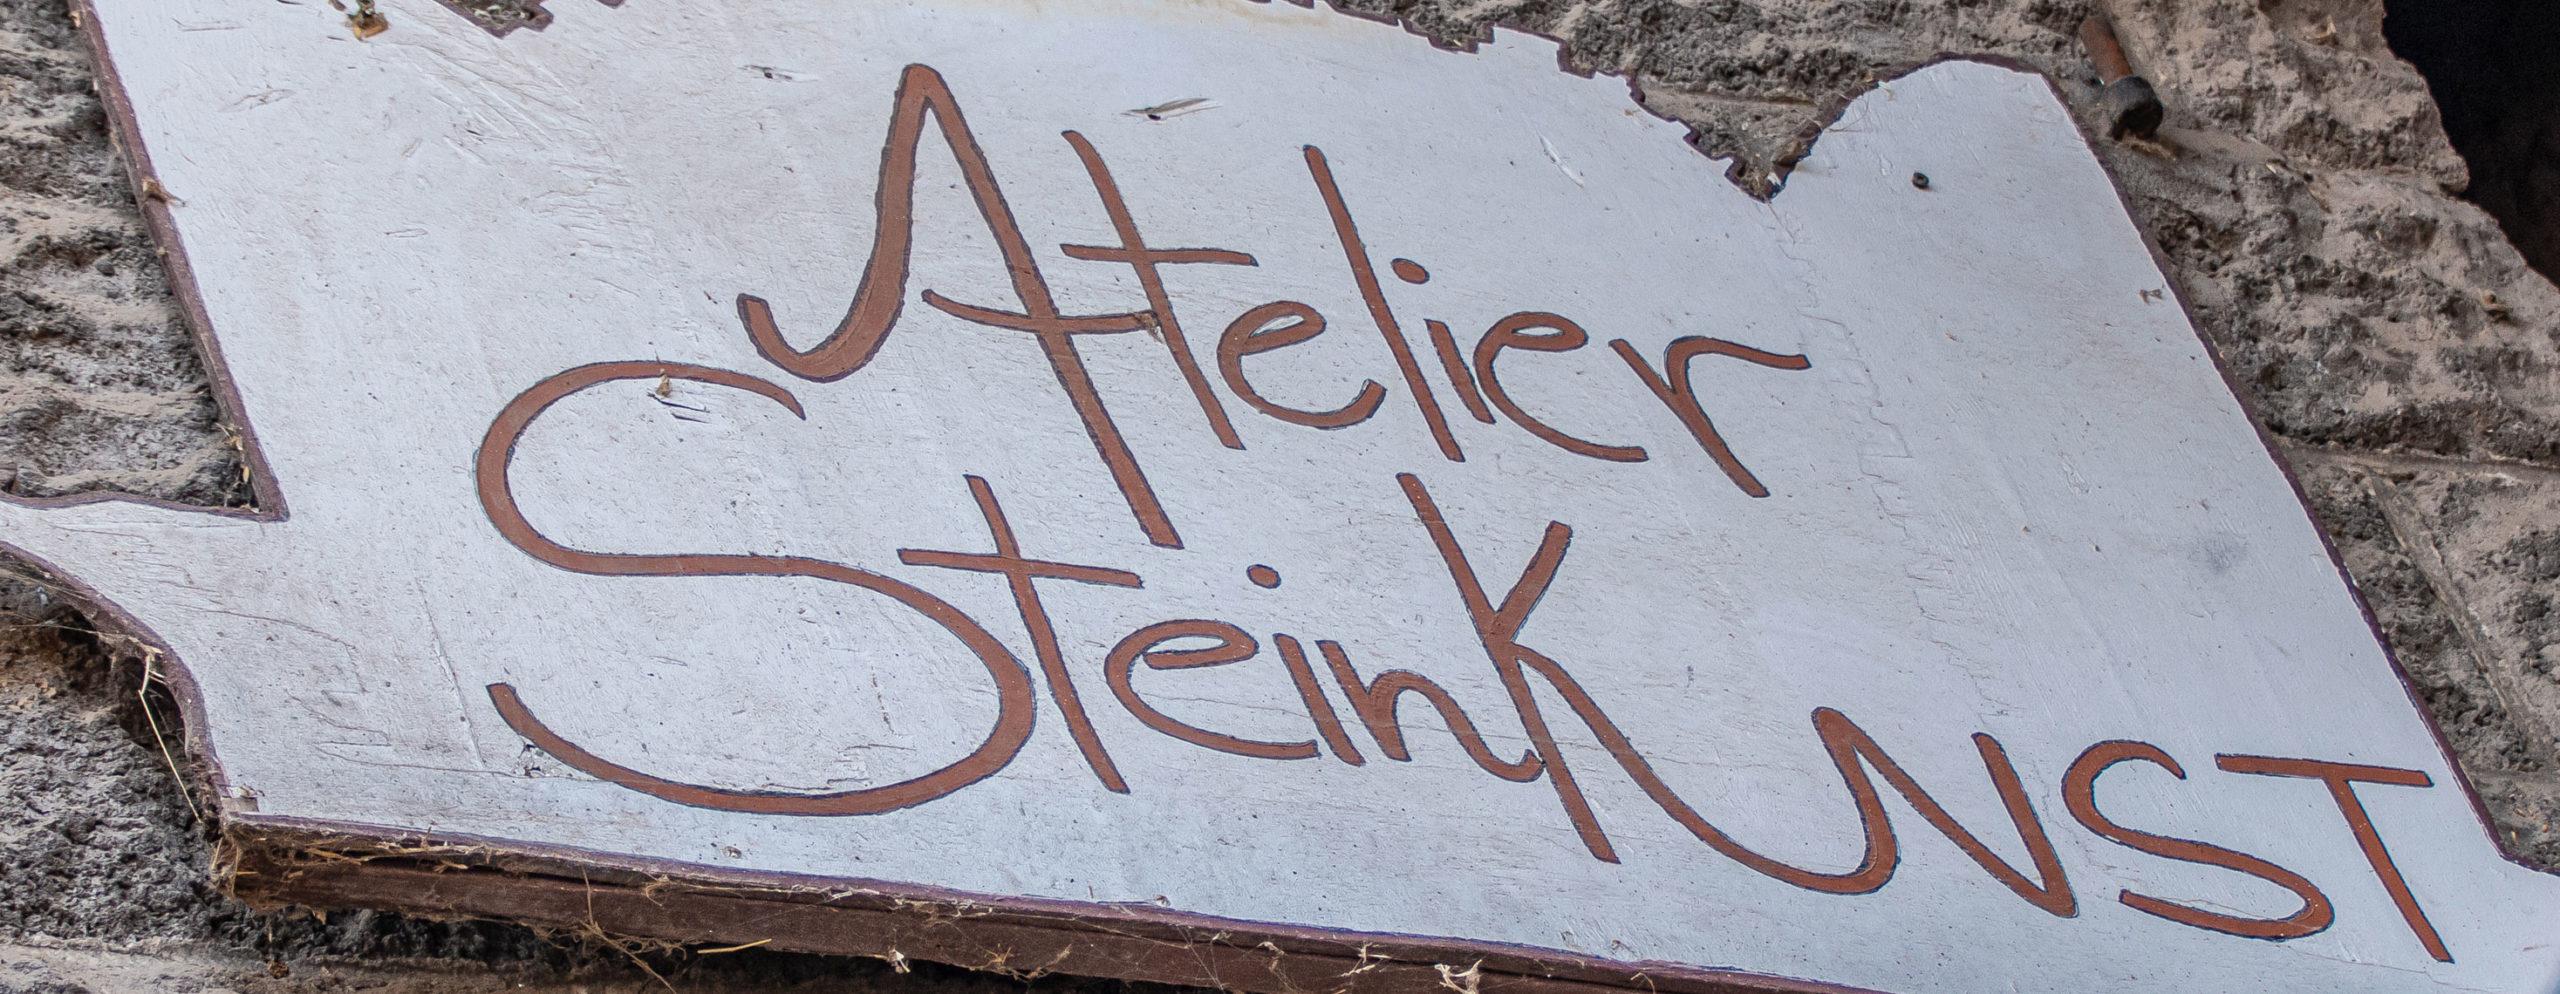 Bildhauerwerkstatt Atelier Steinkunst